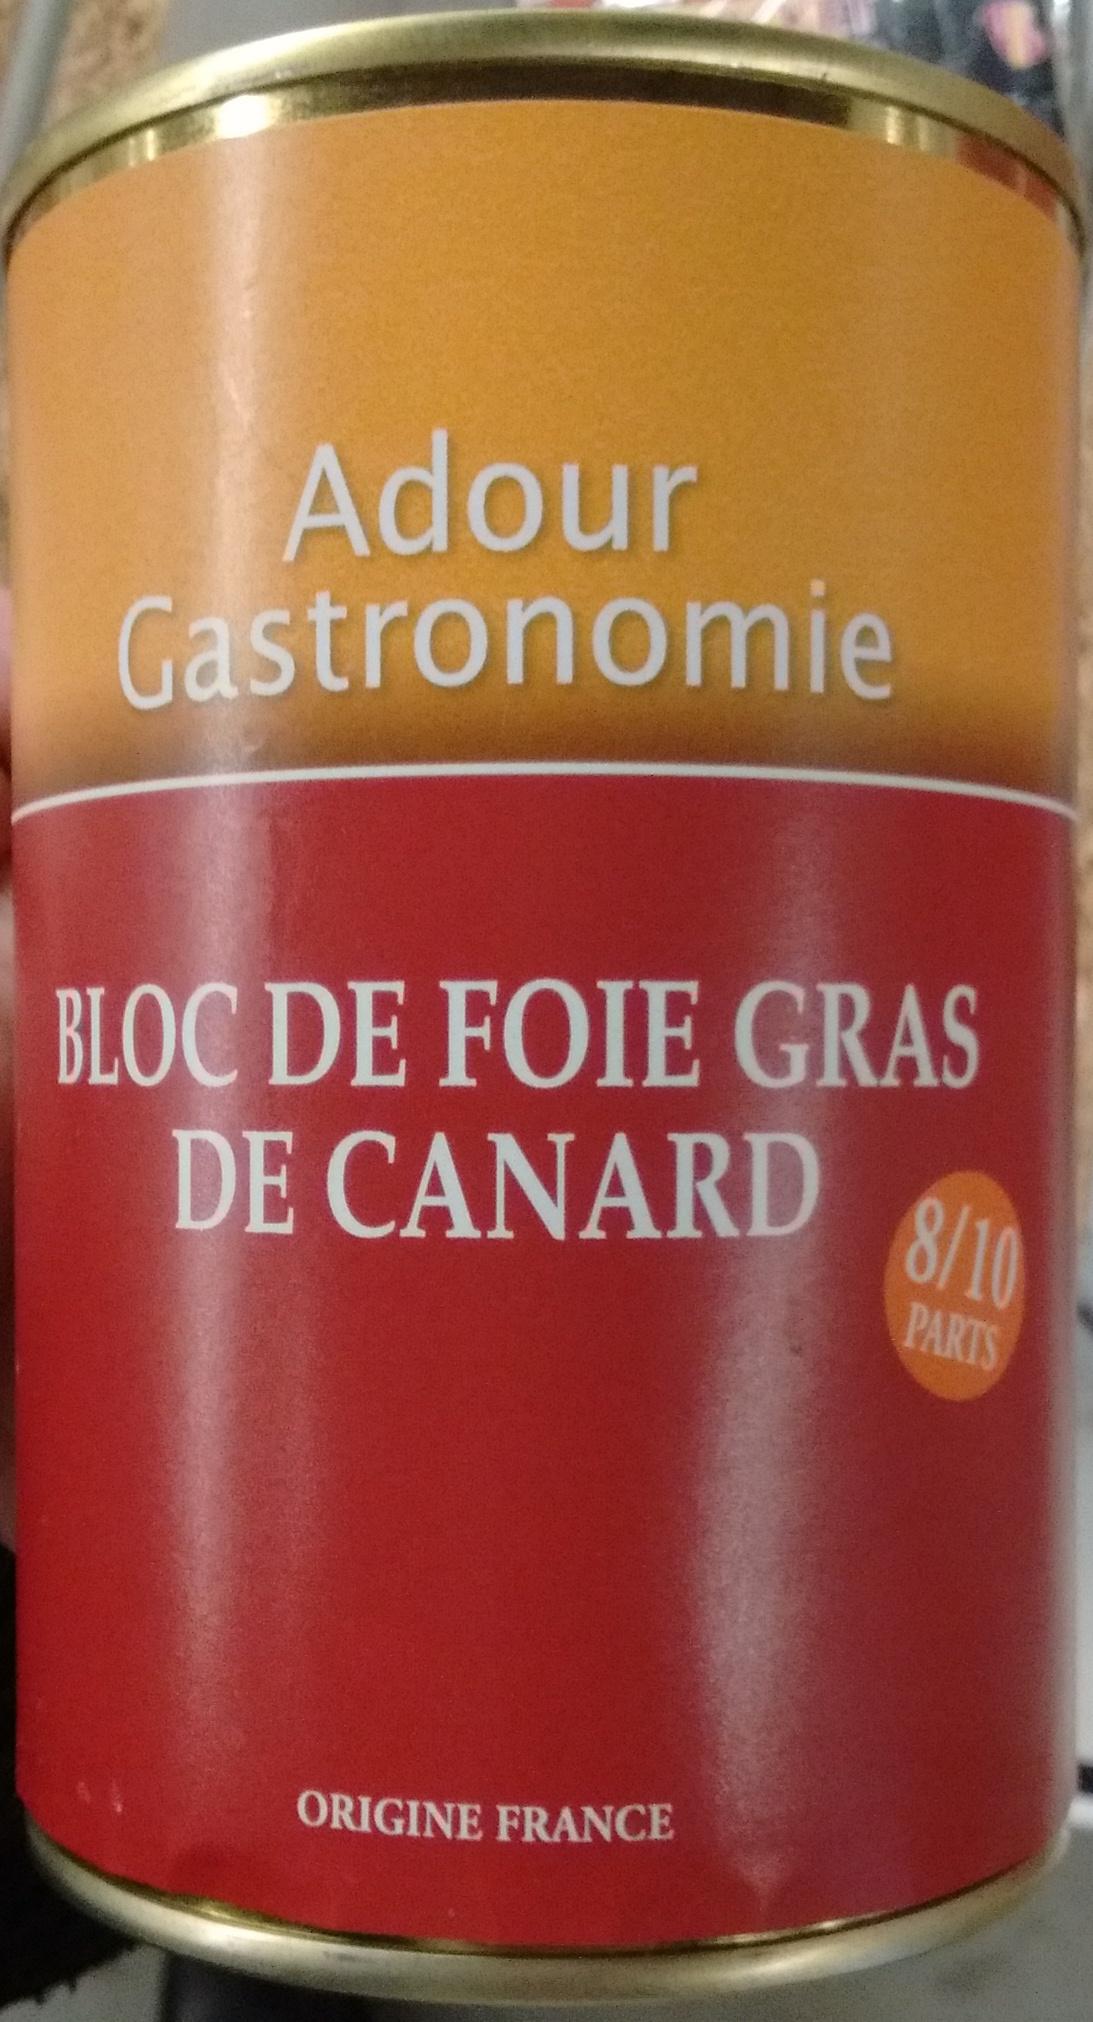 bloc de foie gras de canard adour gastronomie